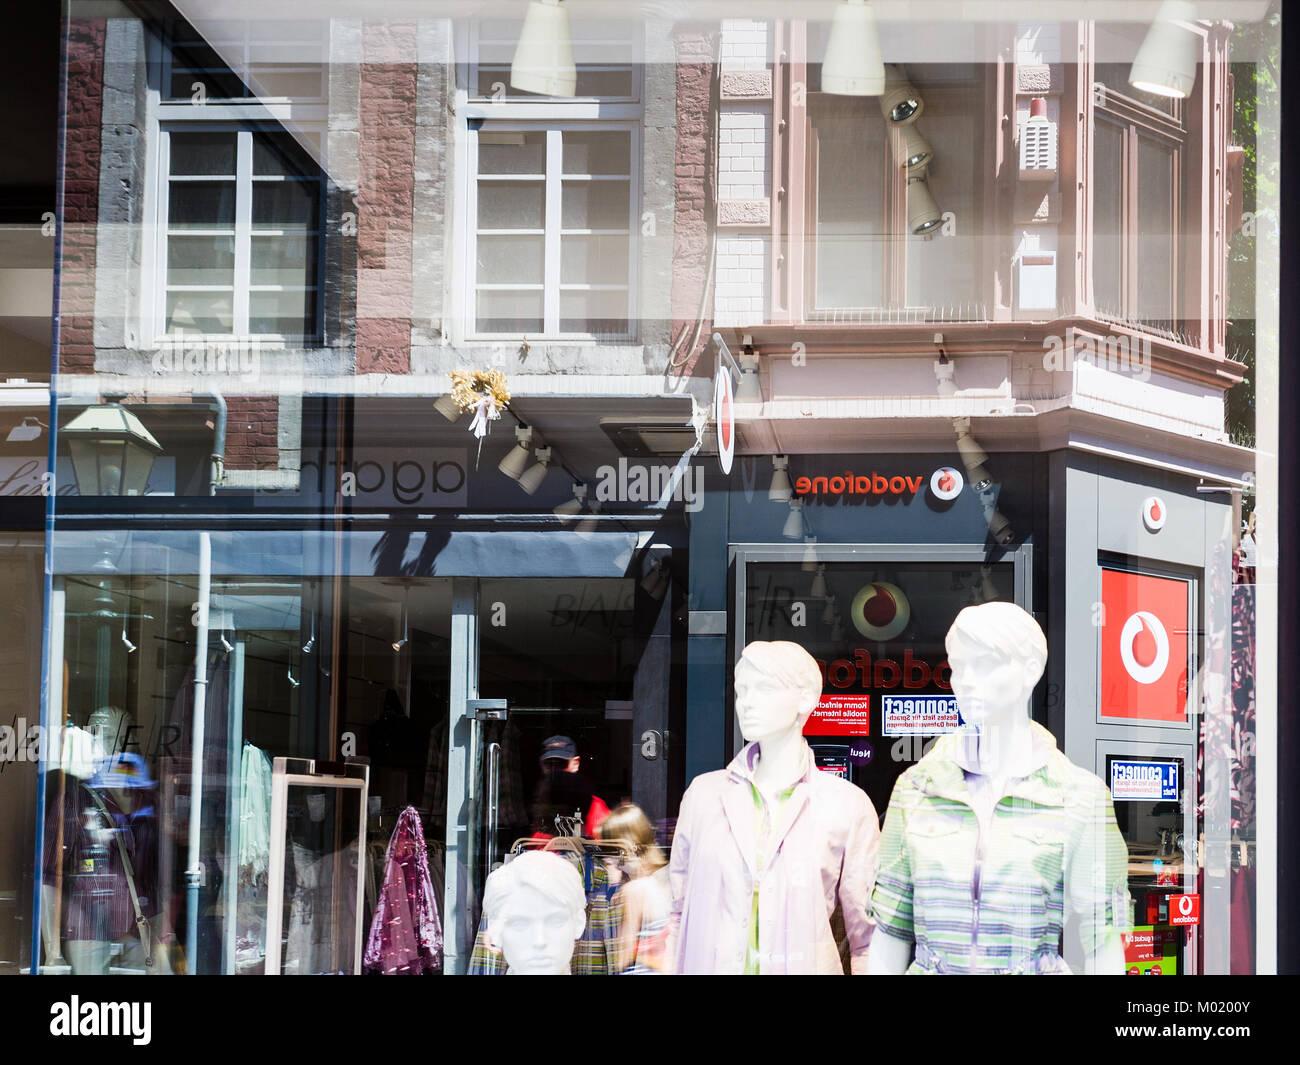 AACHEN, GERMANY - JUNE 27, 2010: reflection in the shop window on Kramerstrasse street in Aachen in summer. Aachen - Stock Image